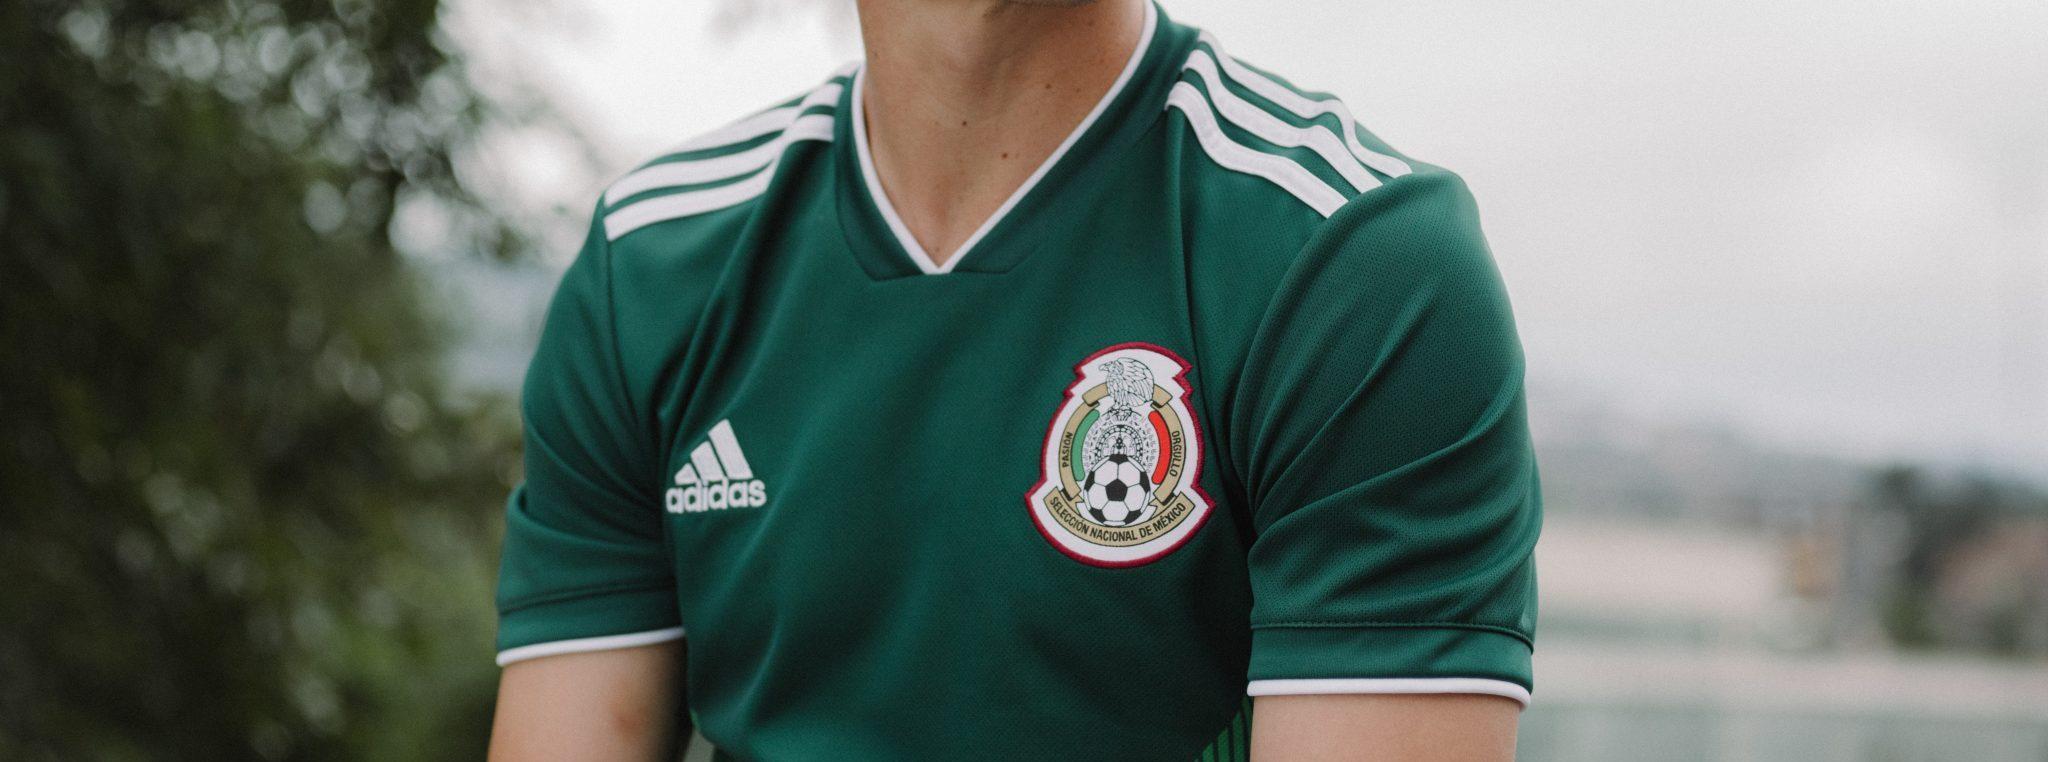 Nuevo jersey adidas para la Copa Mundial cc5da952663d8